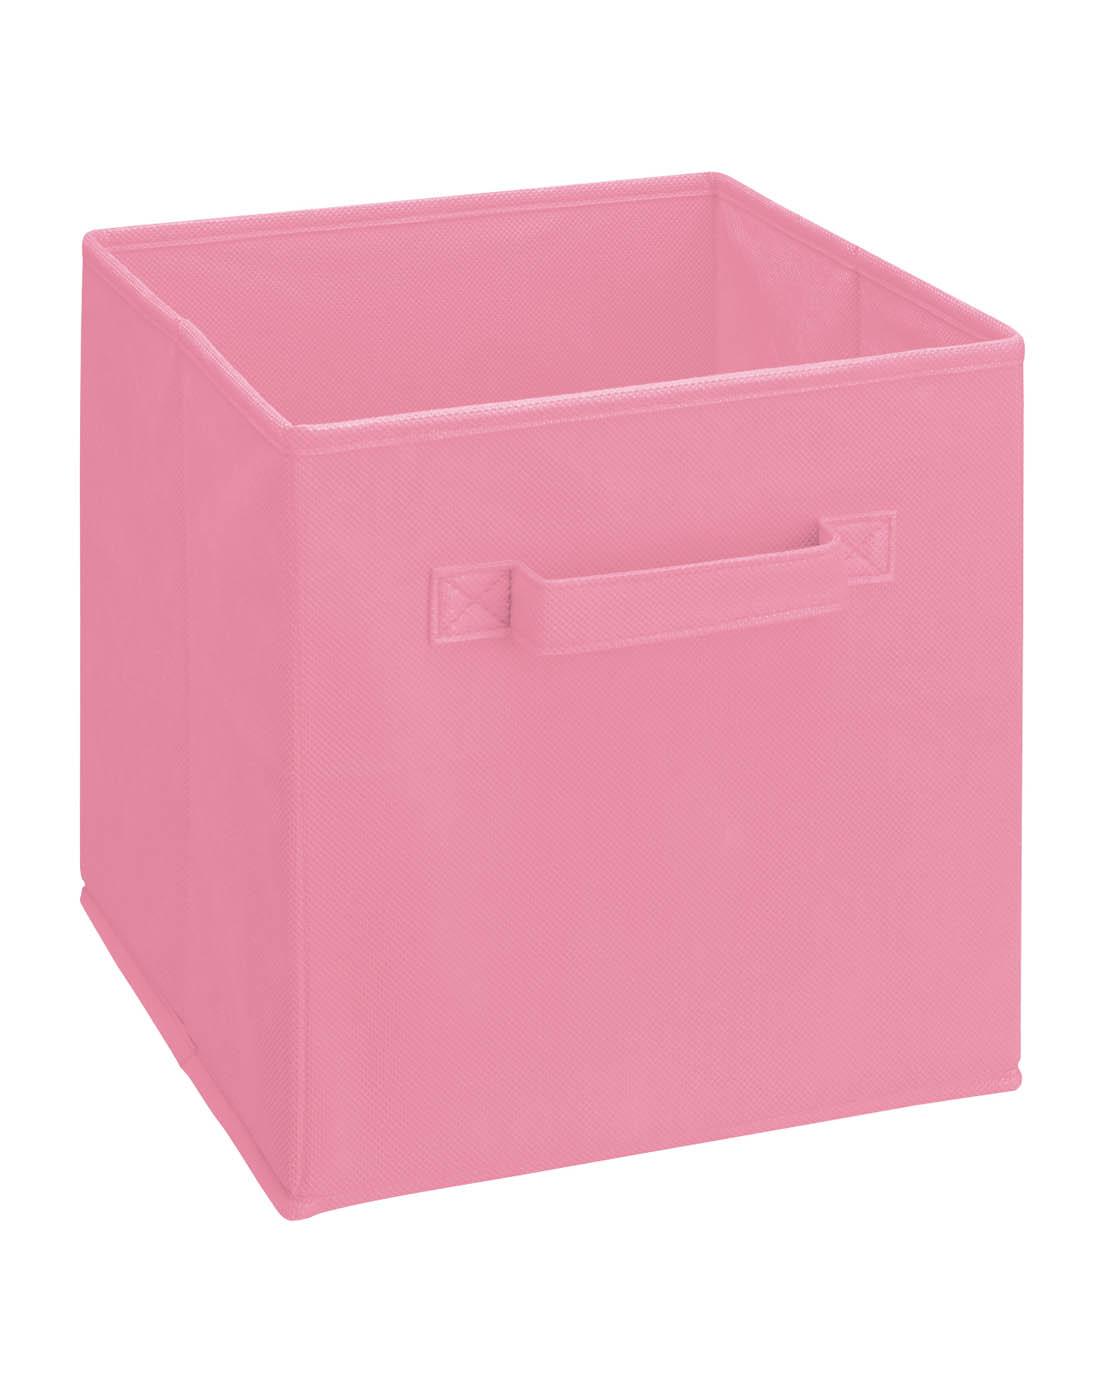 阁室美closetmaid家居无纺布收纳盒(2件套)cb04680